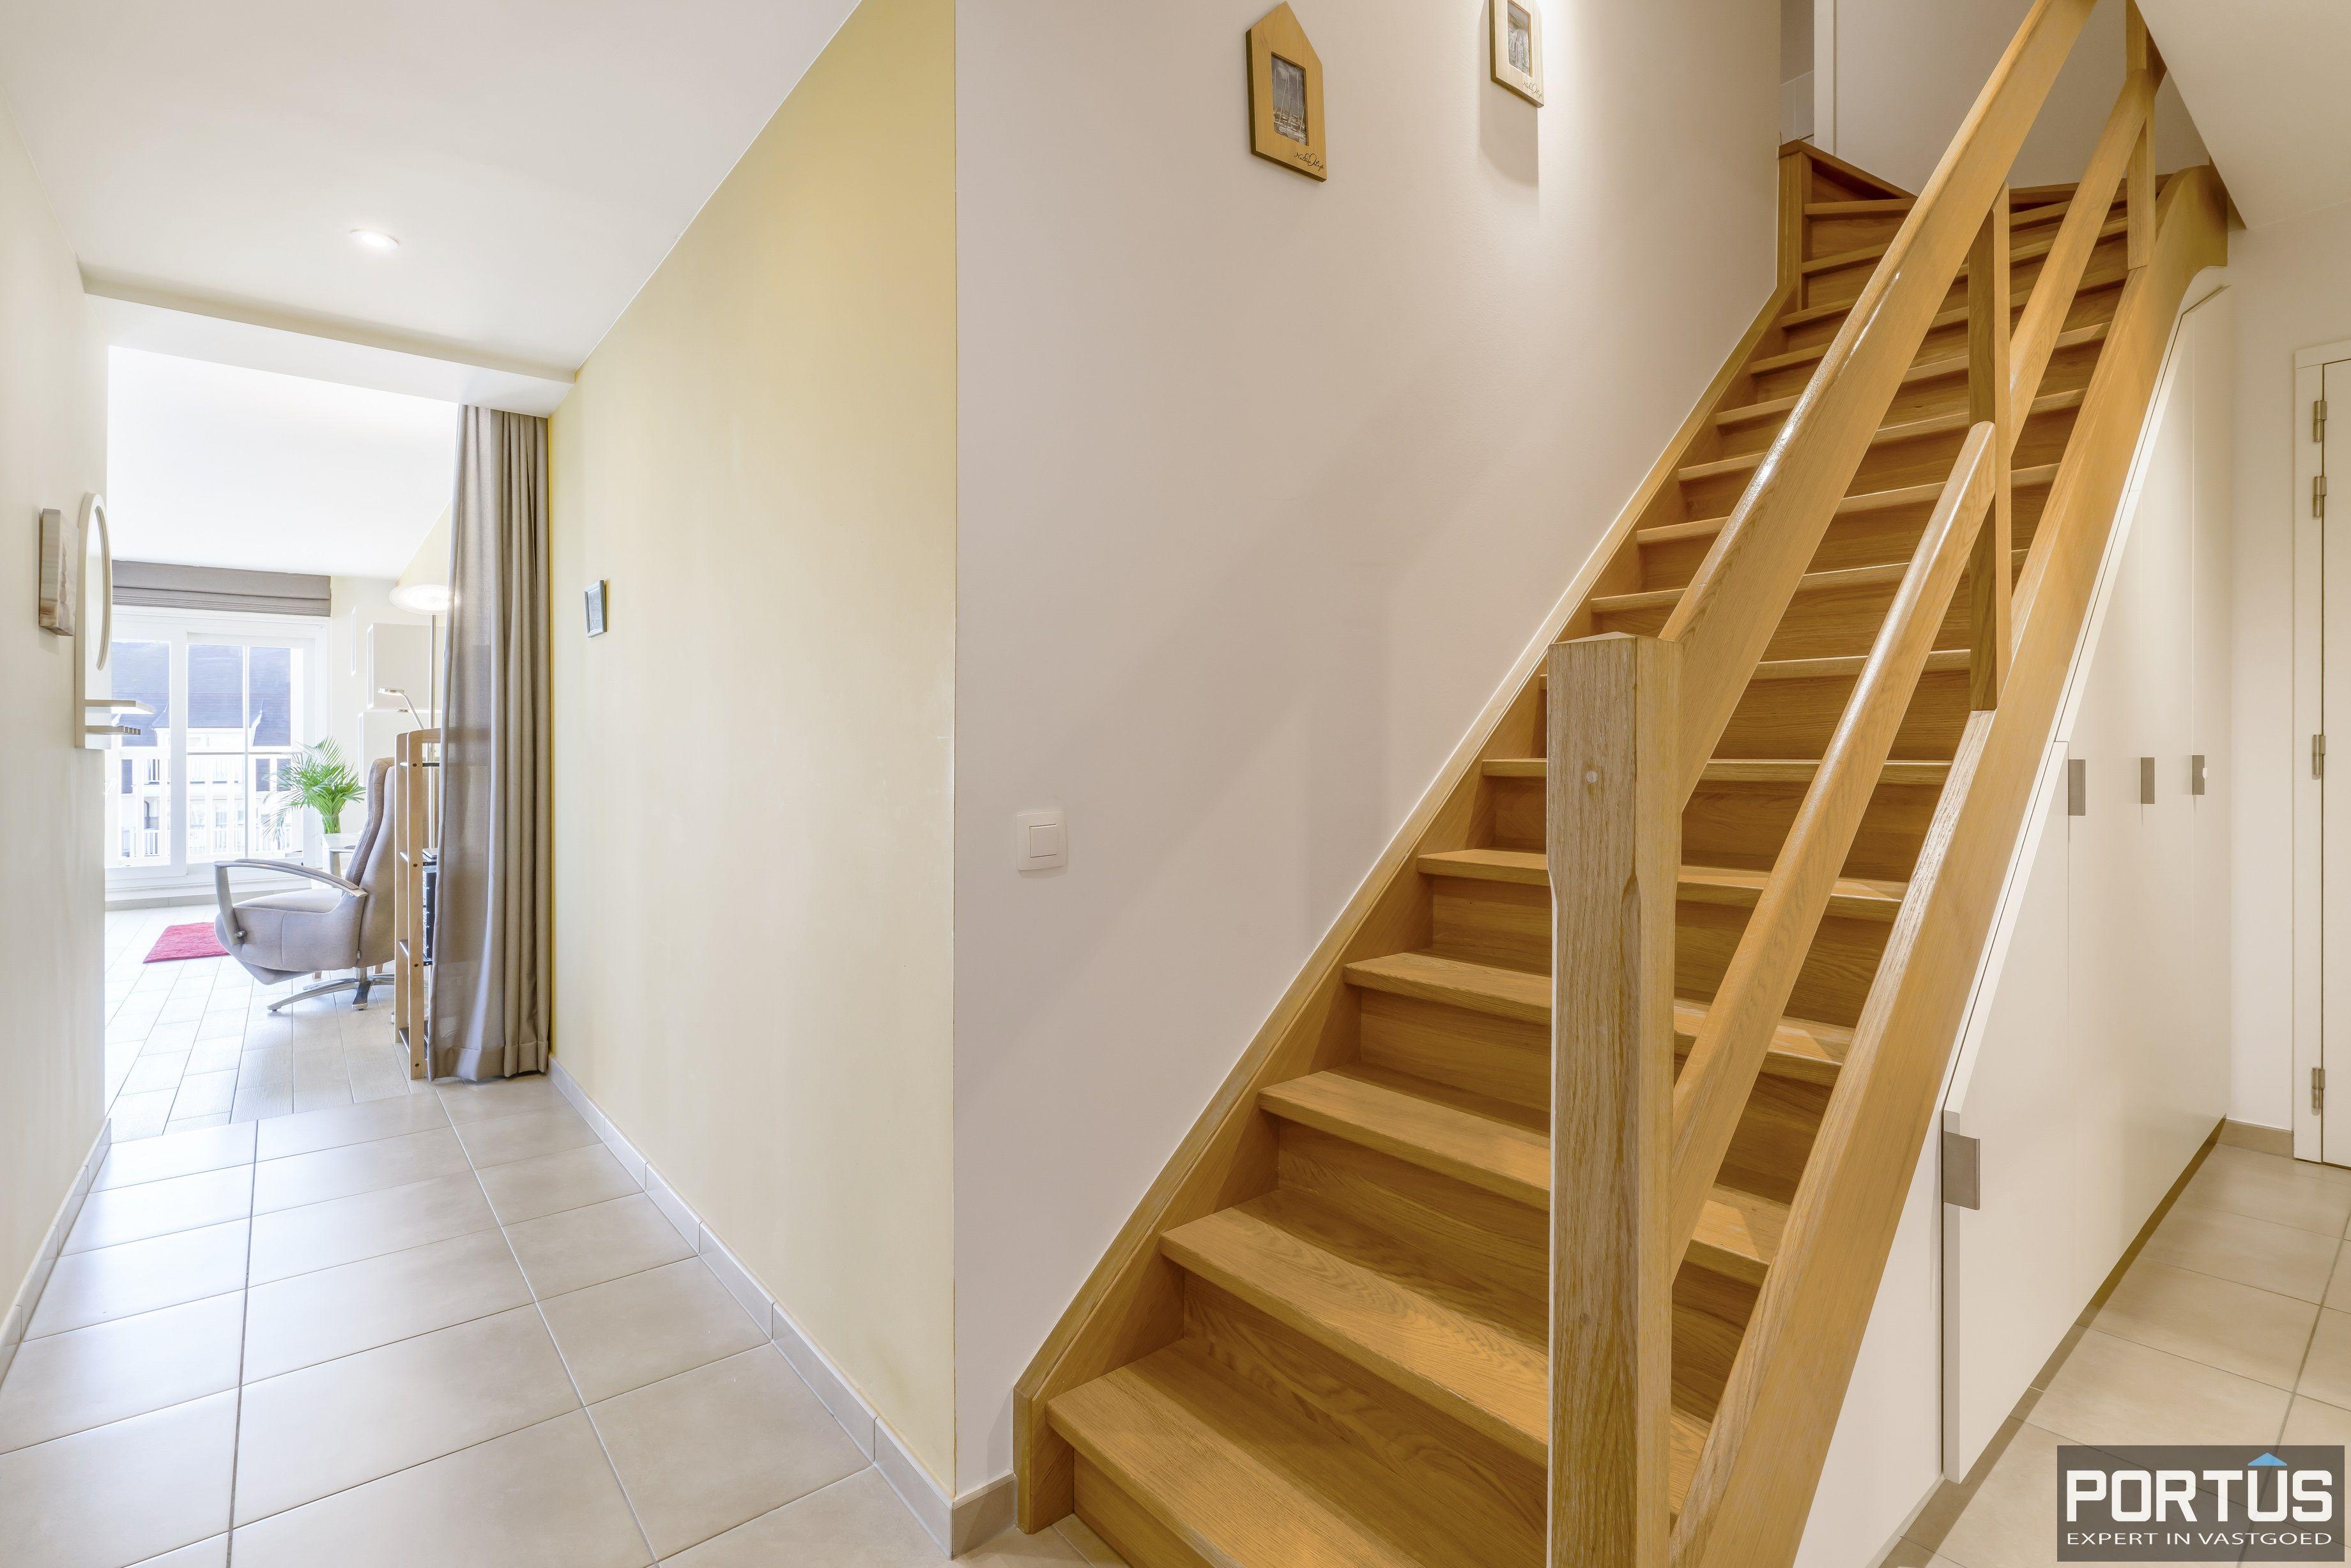 Instapklaar appartement te koop met prachtig zicht op Maritiem park te Nieuwpoort - 13313